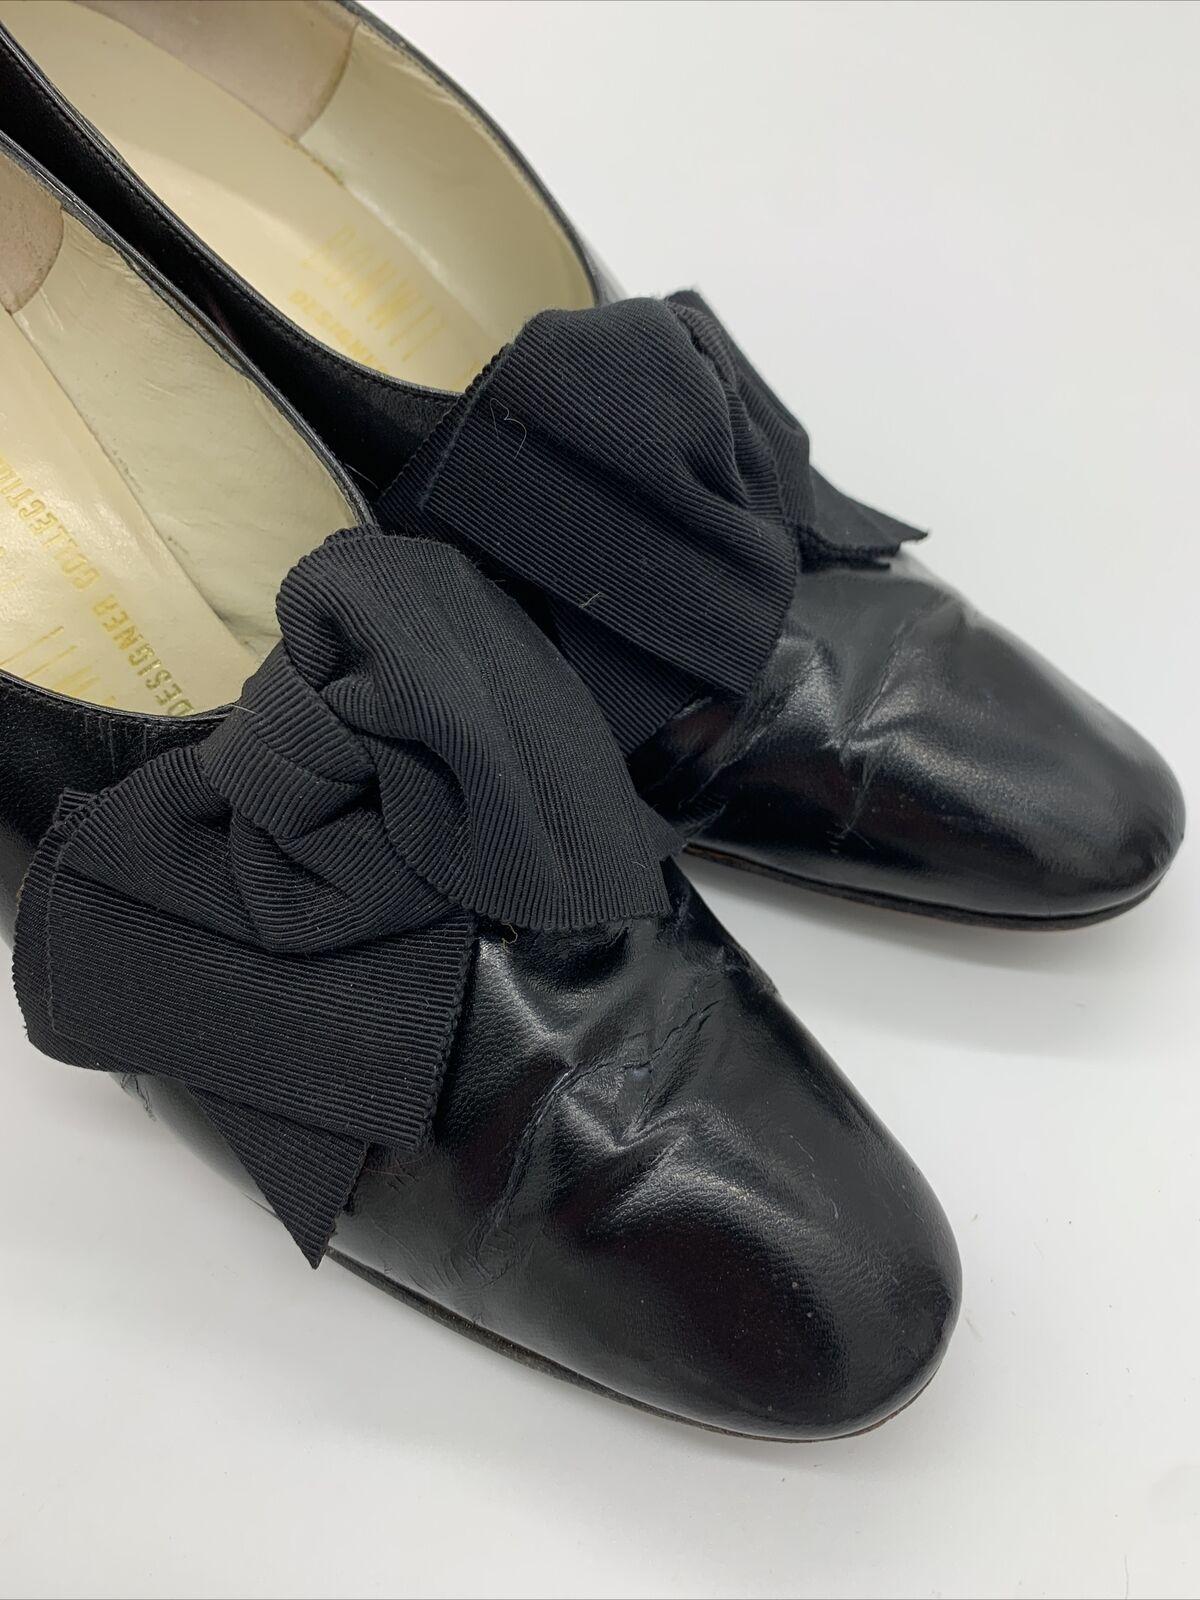 Antique Edwardian Bonwit Teller Black Leather Sho… - image 2